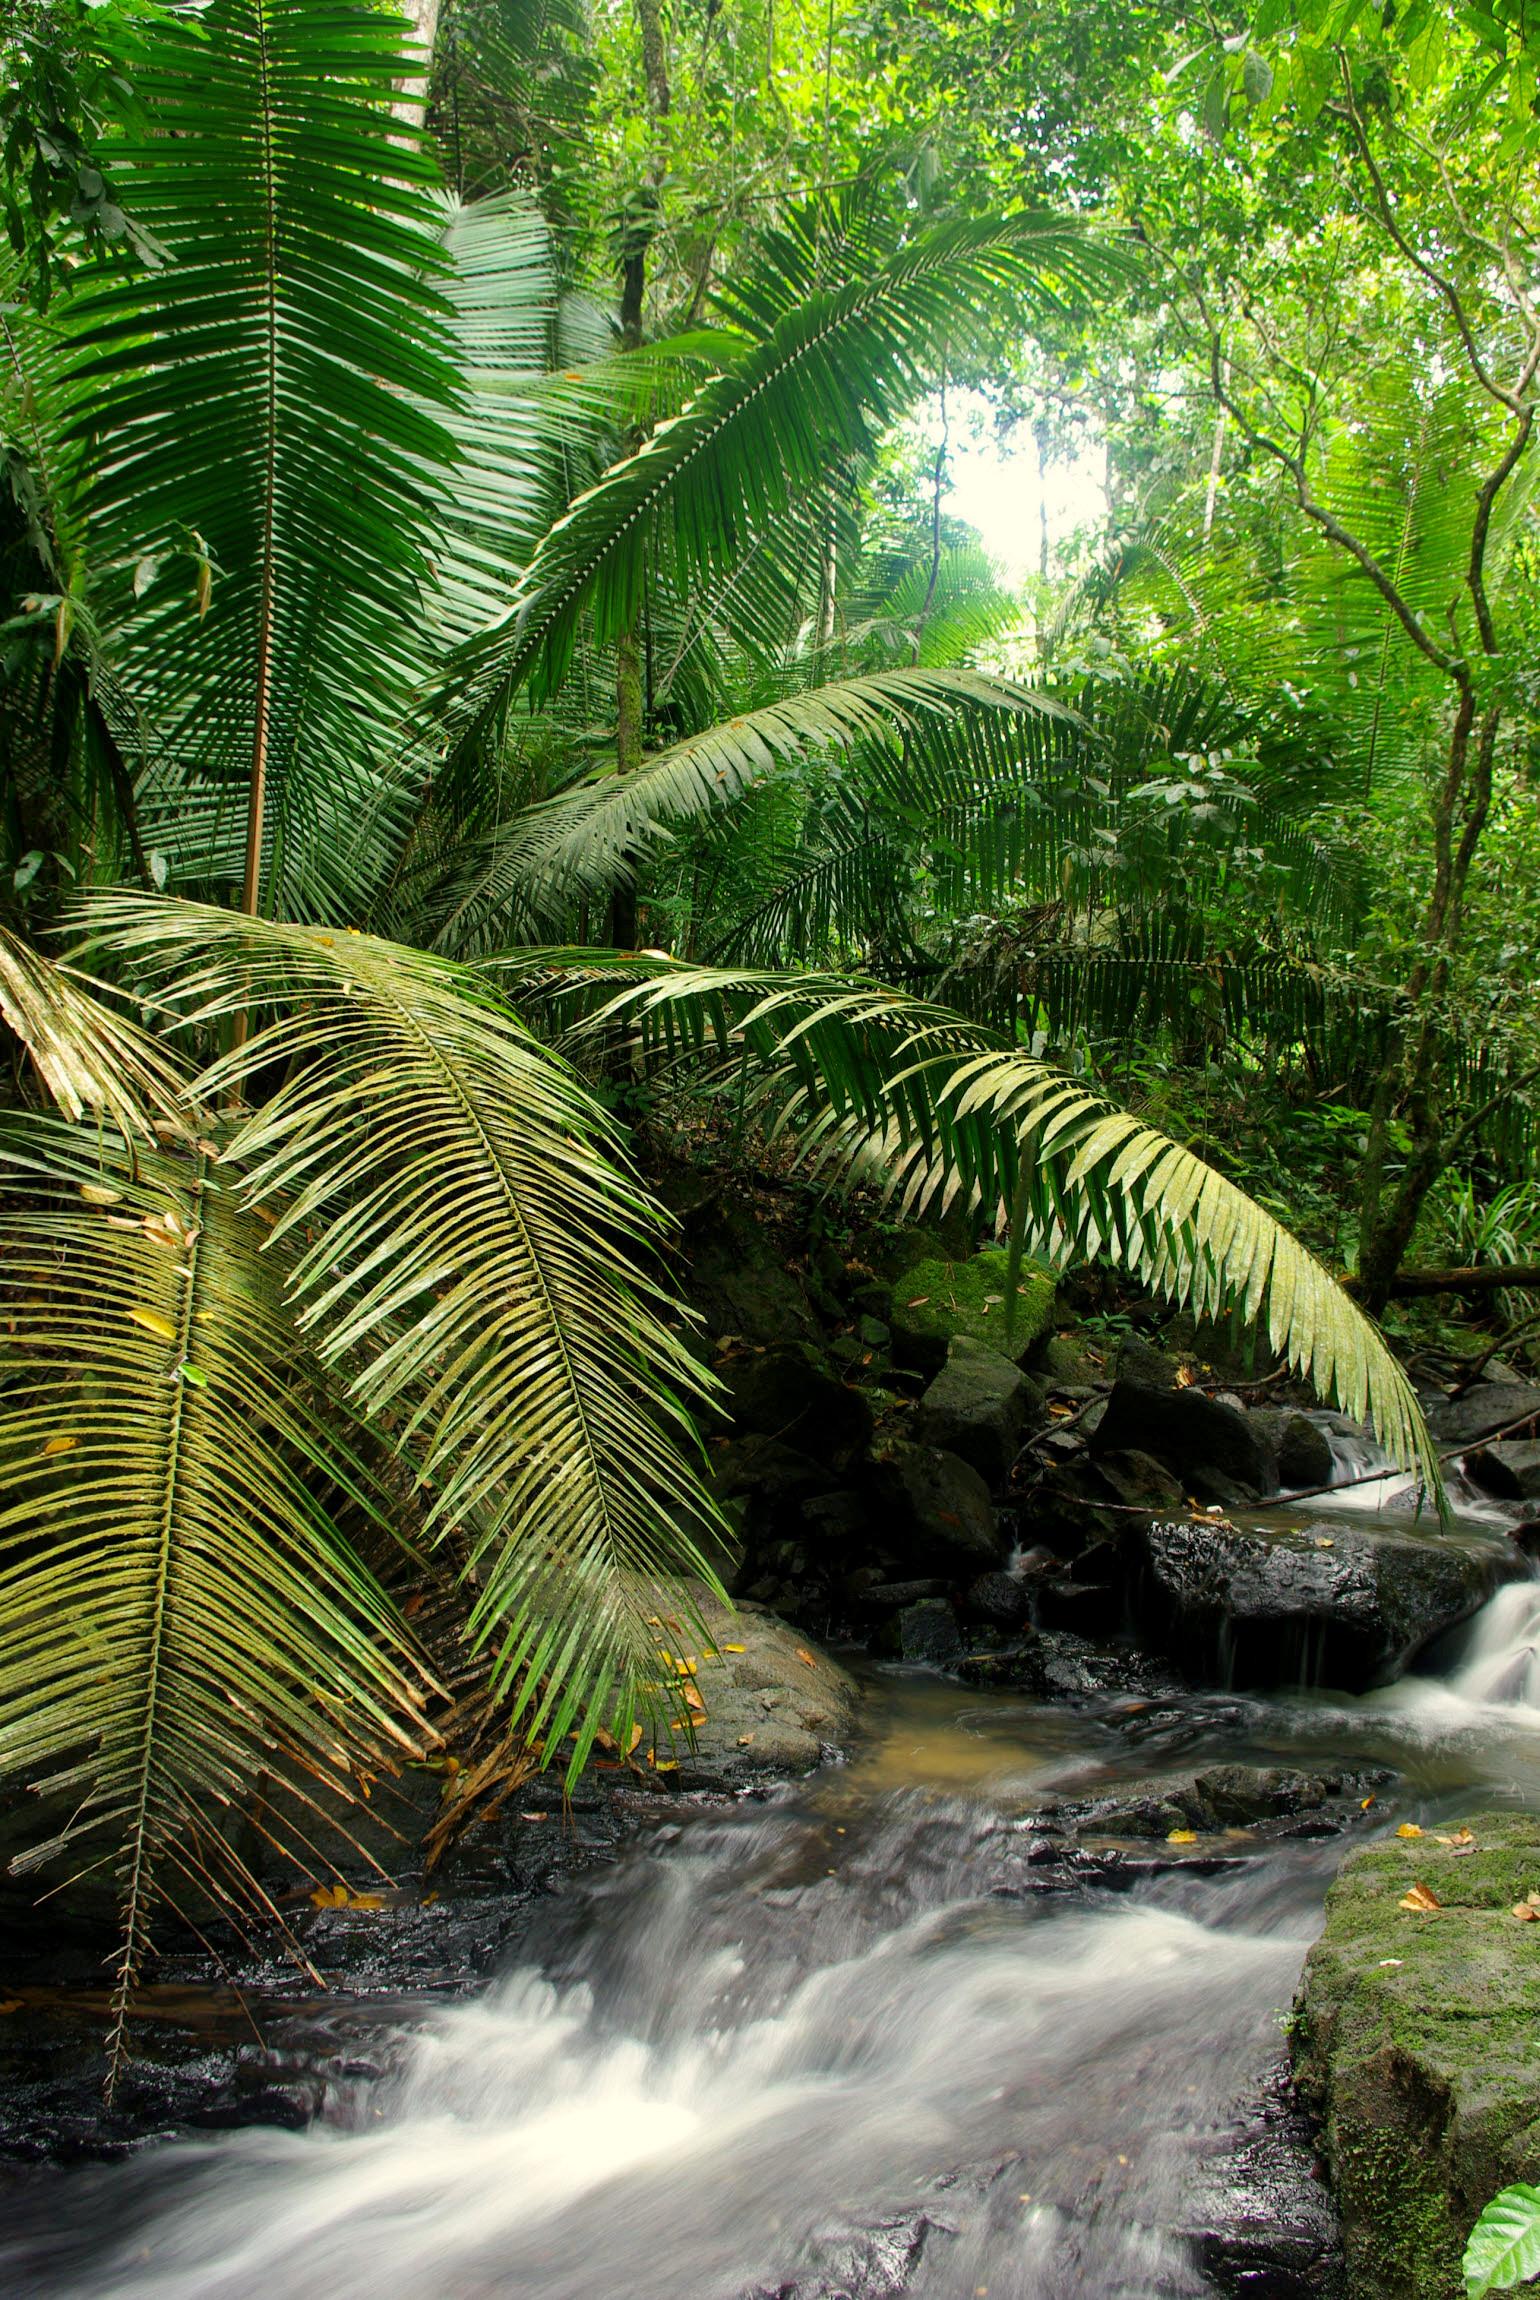 Фотография. Путешествия. Фотопутешествие по джунглям Амазонки